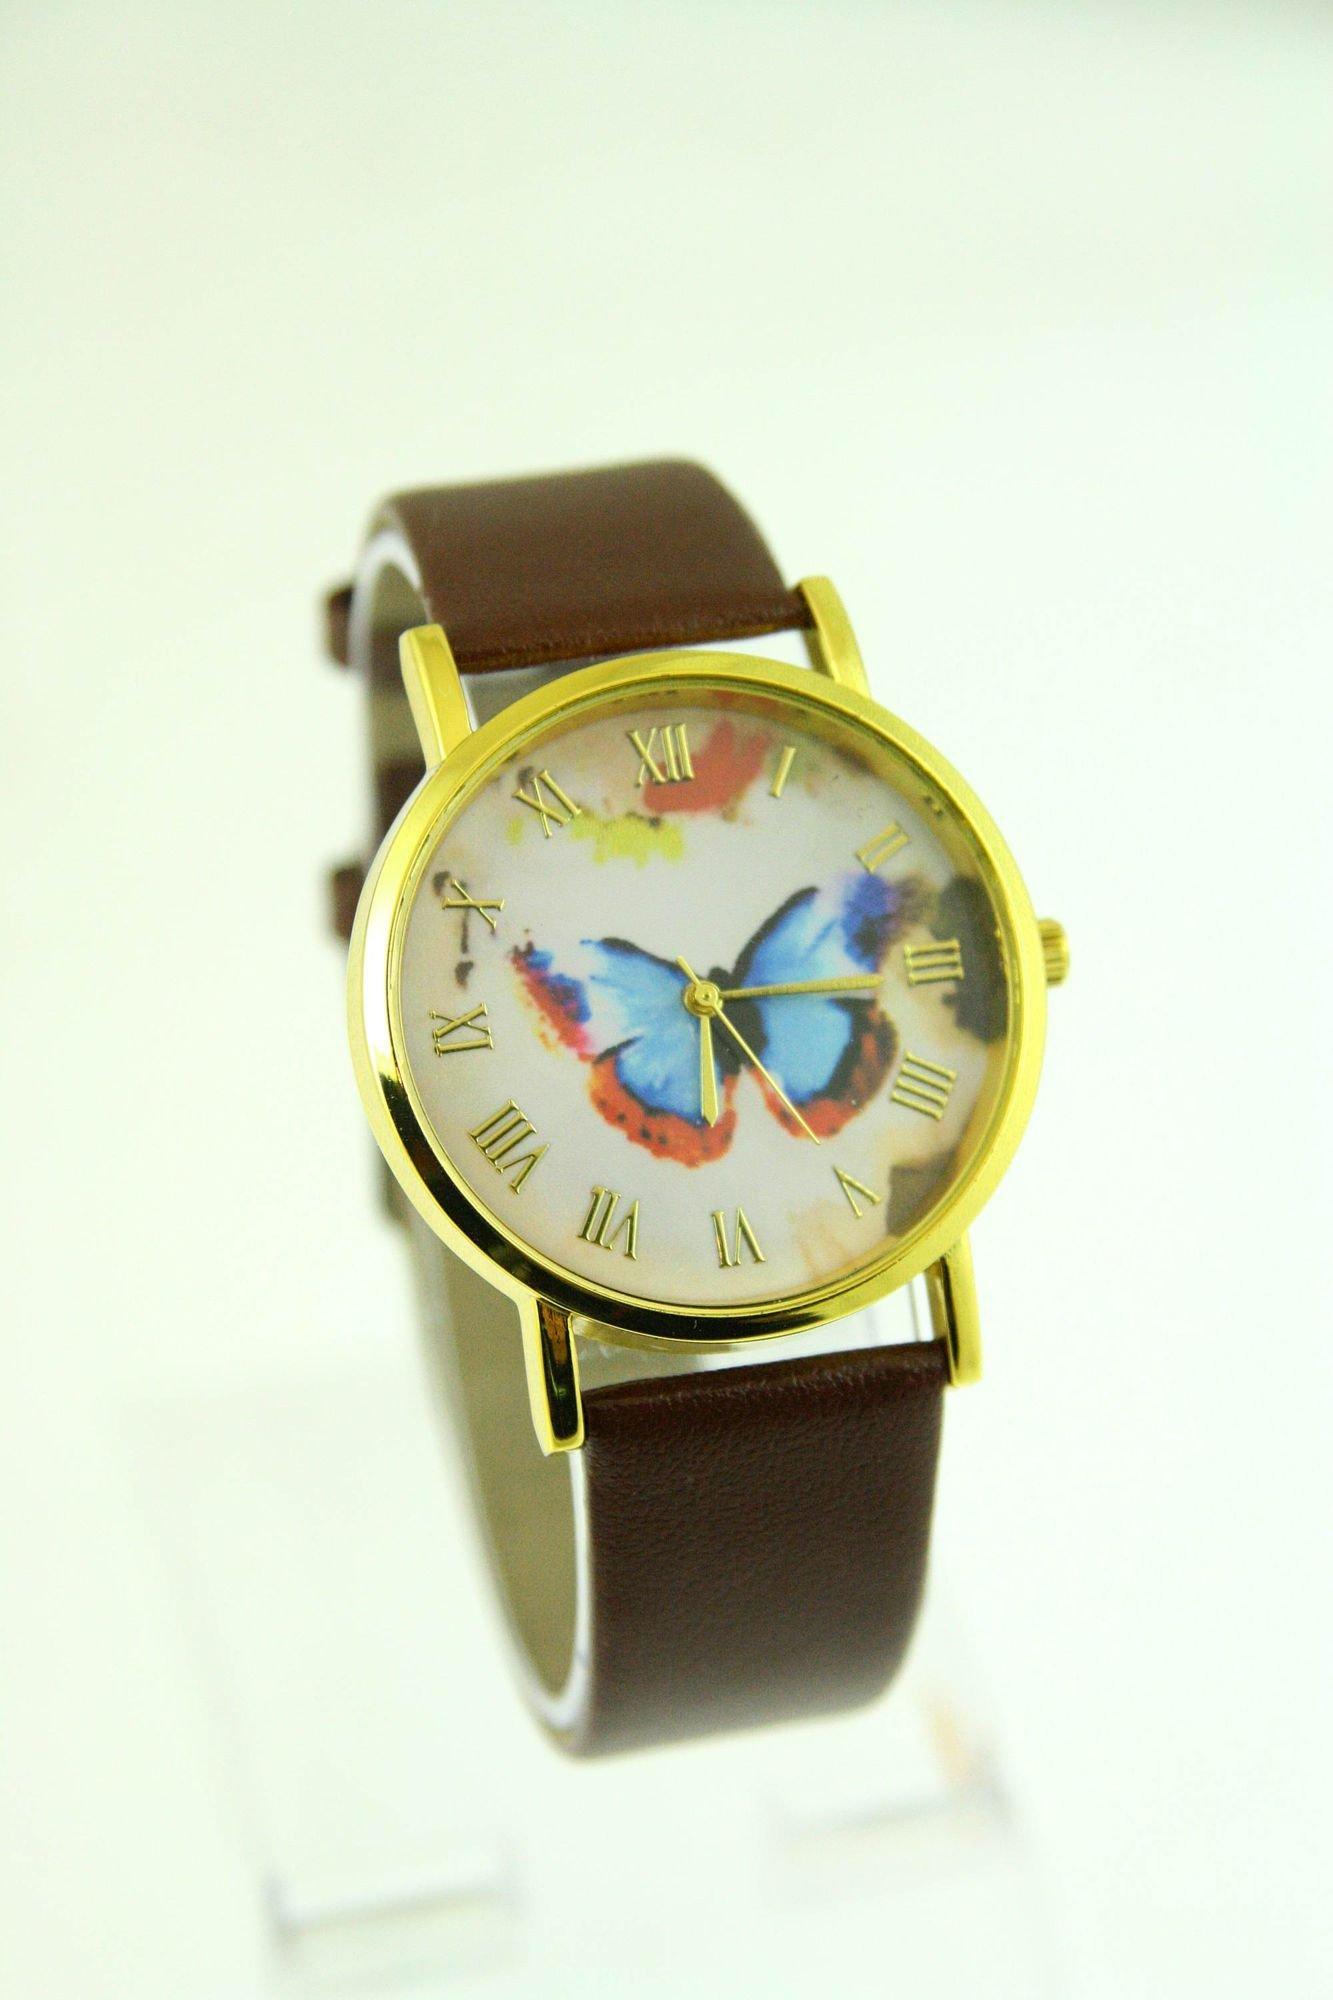 Złoty zegarek damski na brązowym pasku                                  zdj.                                  1